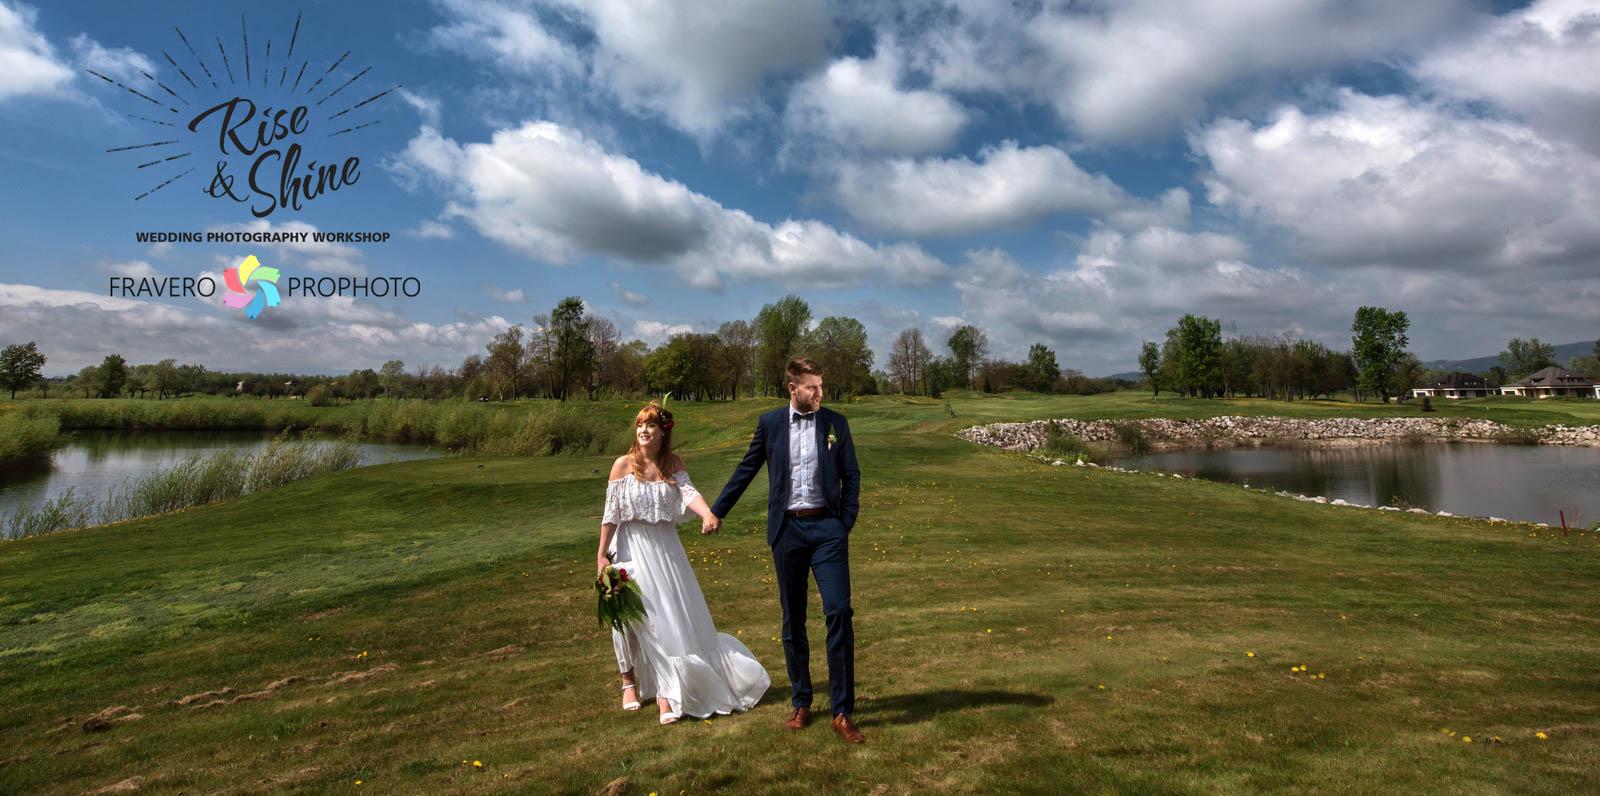 Croatia Wedding Photography Workshop